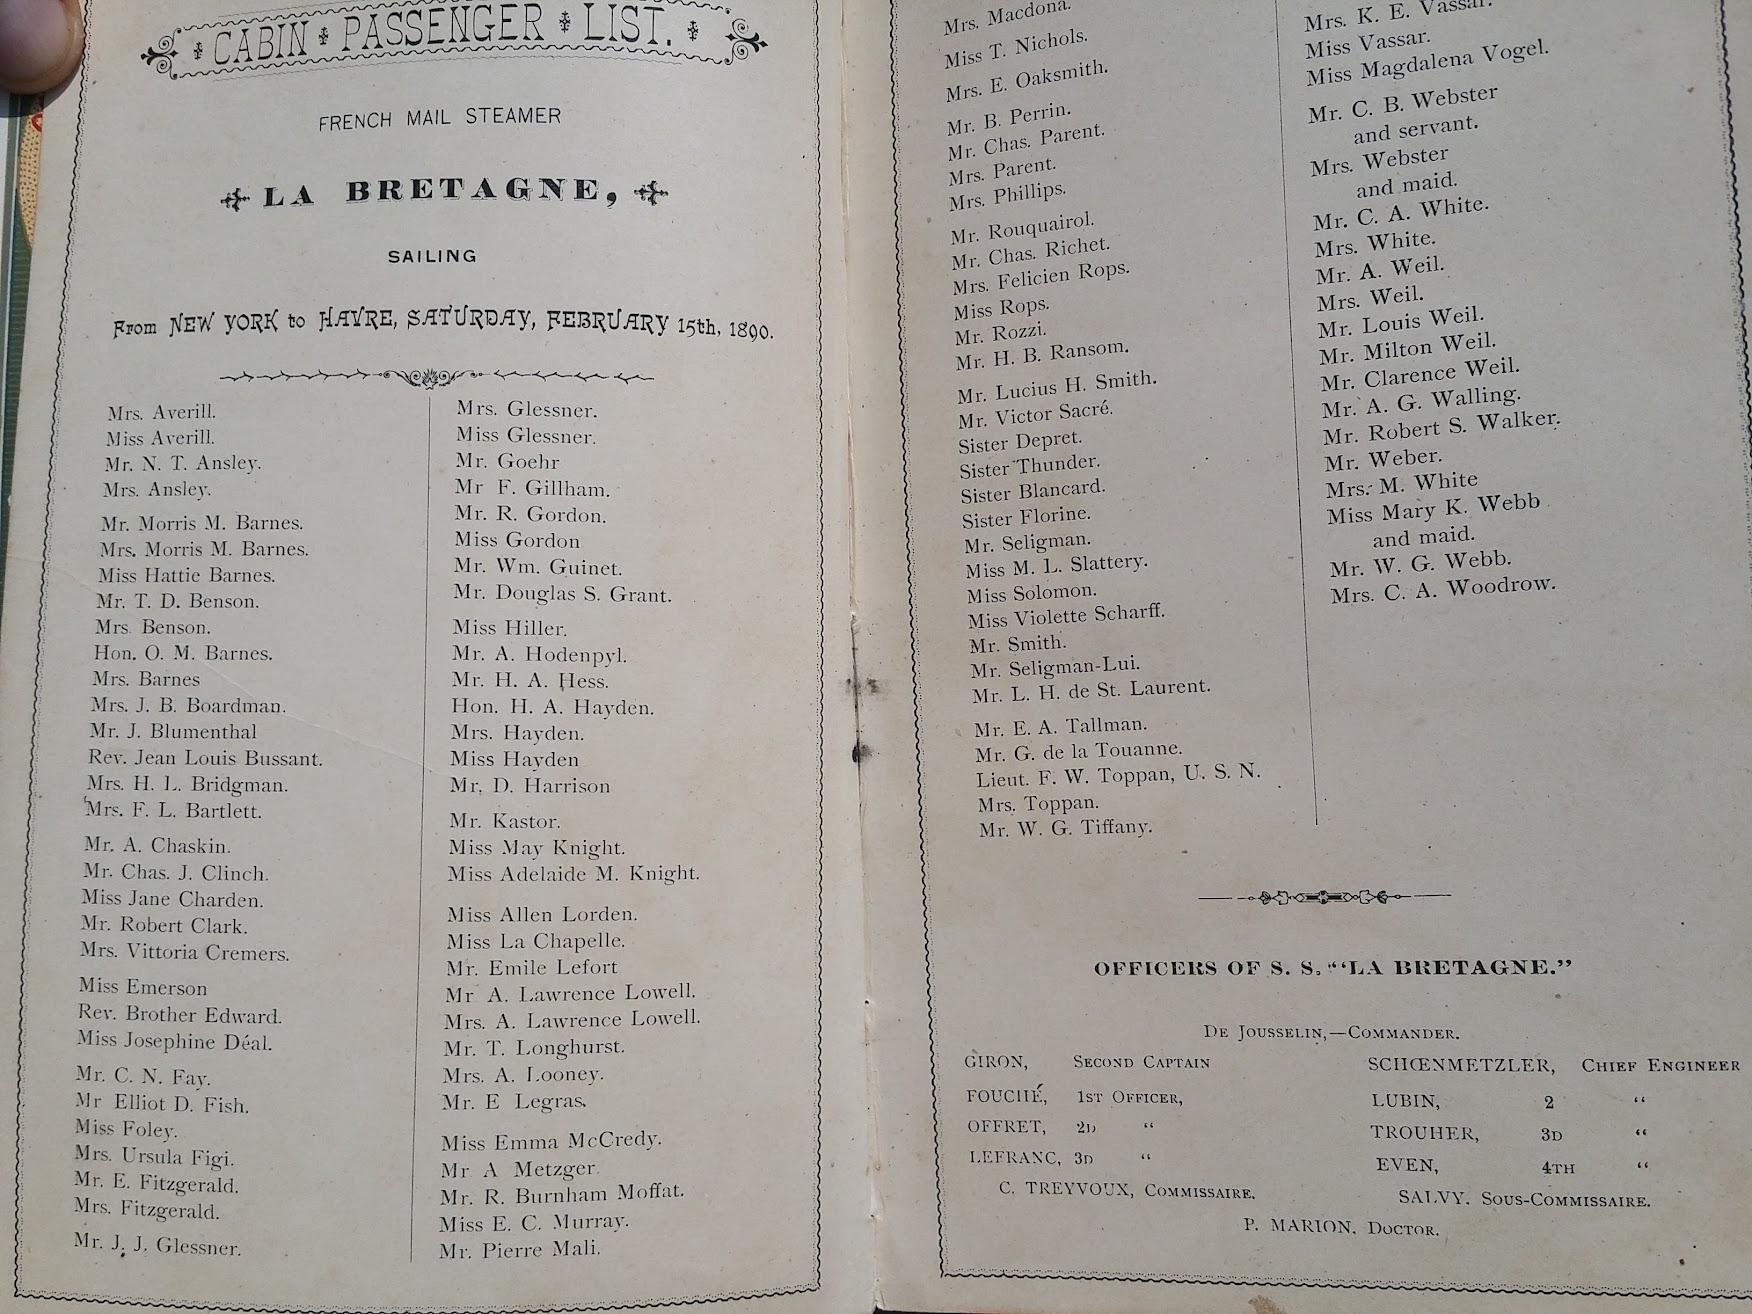 Compagnie Generale Transatlantique, New York - Le Havre - Paris, Passagierliste 1890 - La Bretagne